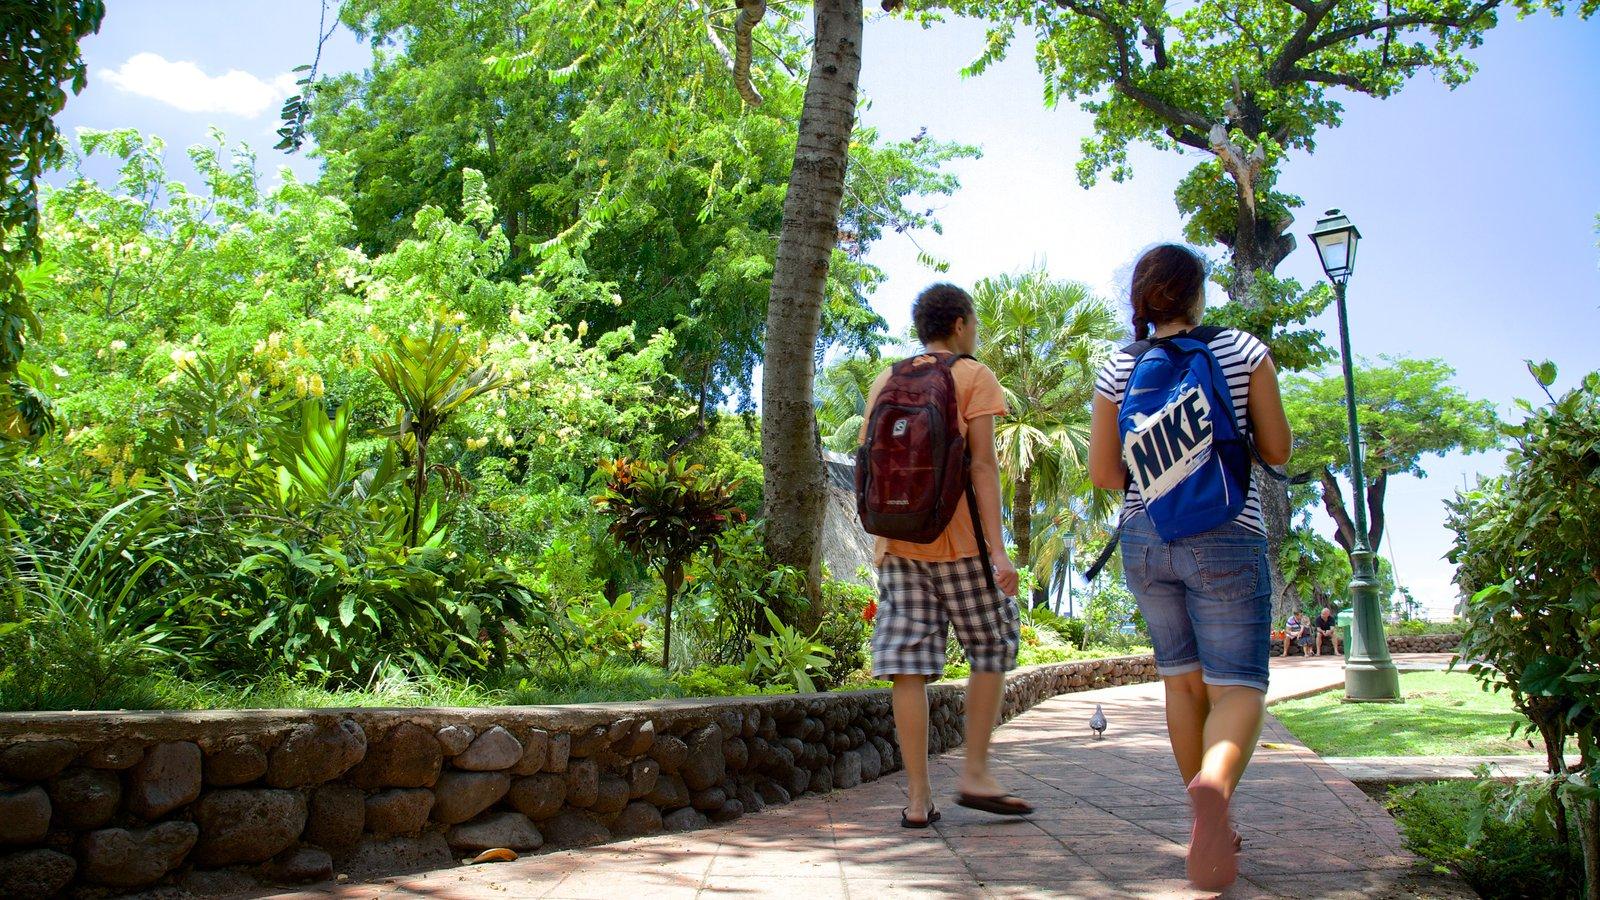 Parc Bougainville mostrando um parque assim como um casal